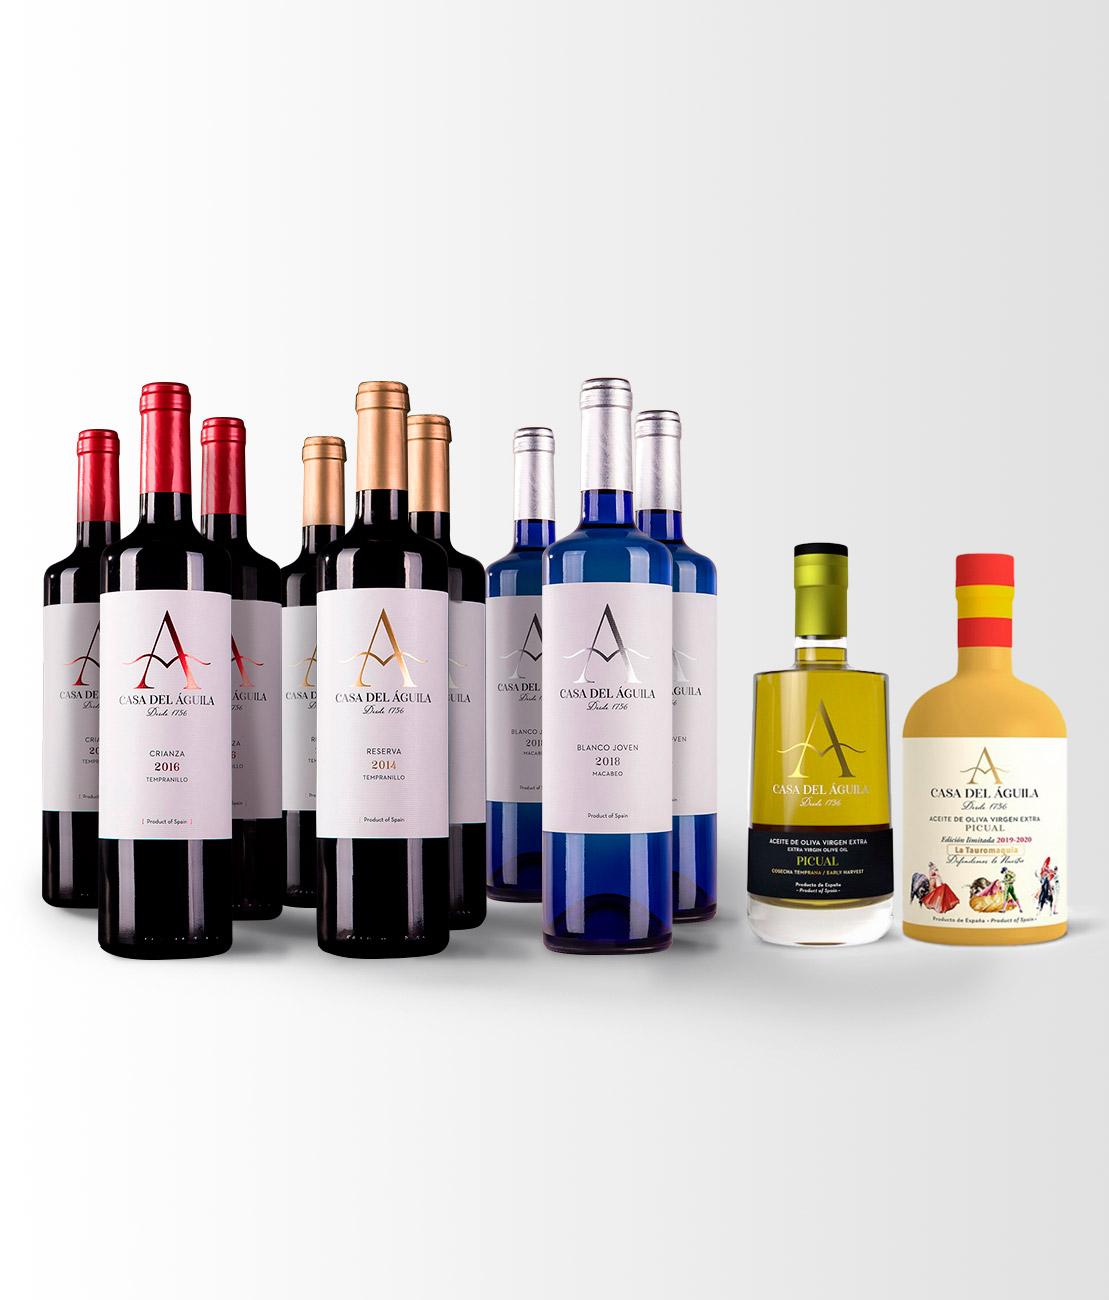 Está compuesto por 3 botellas de nuestro Crianza, 3 botellas de Reserva, 3 de Blanco Macabeo, 1 botella Picual Reserva Familiar, 1 botella Picual Serie «Defendemos lo Nuestro»